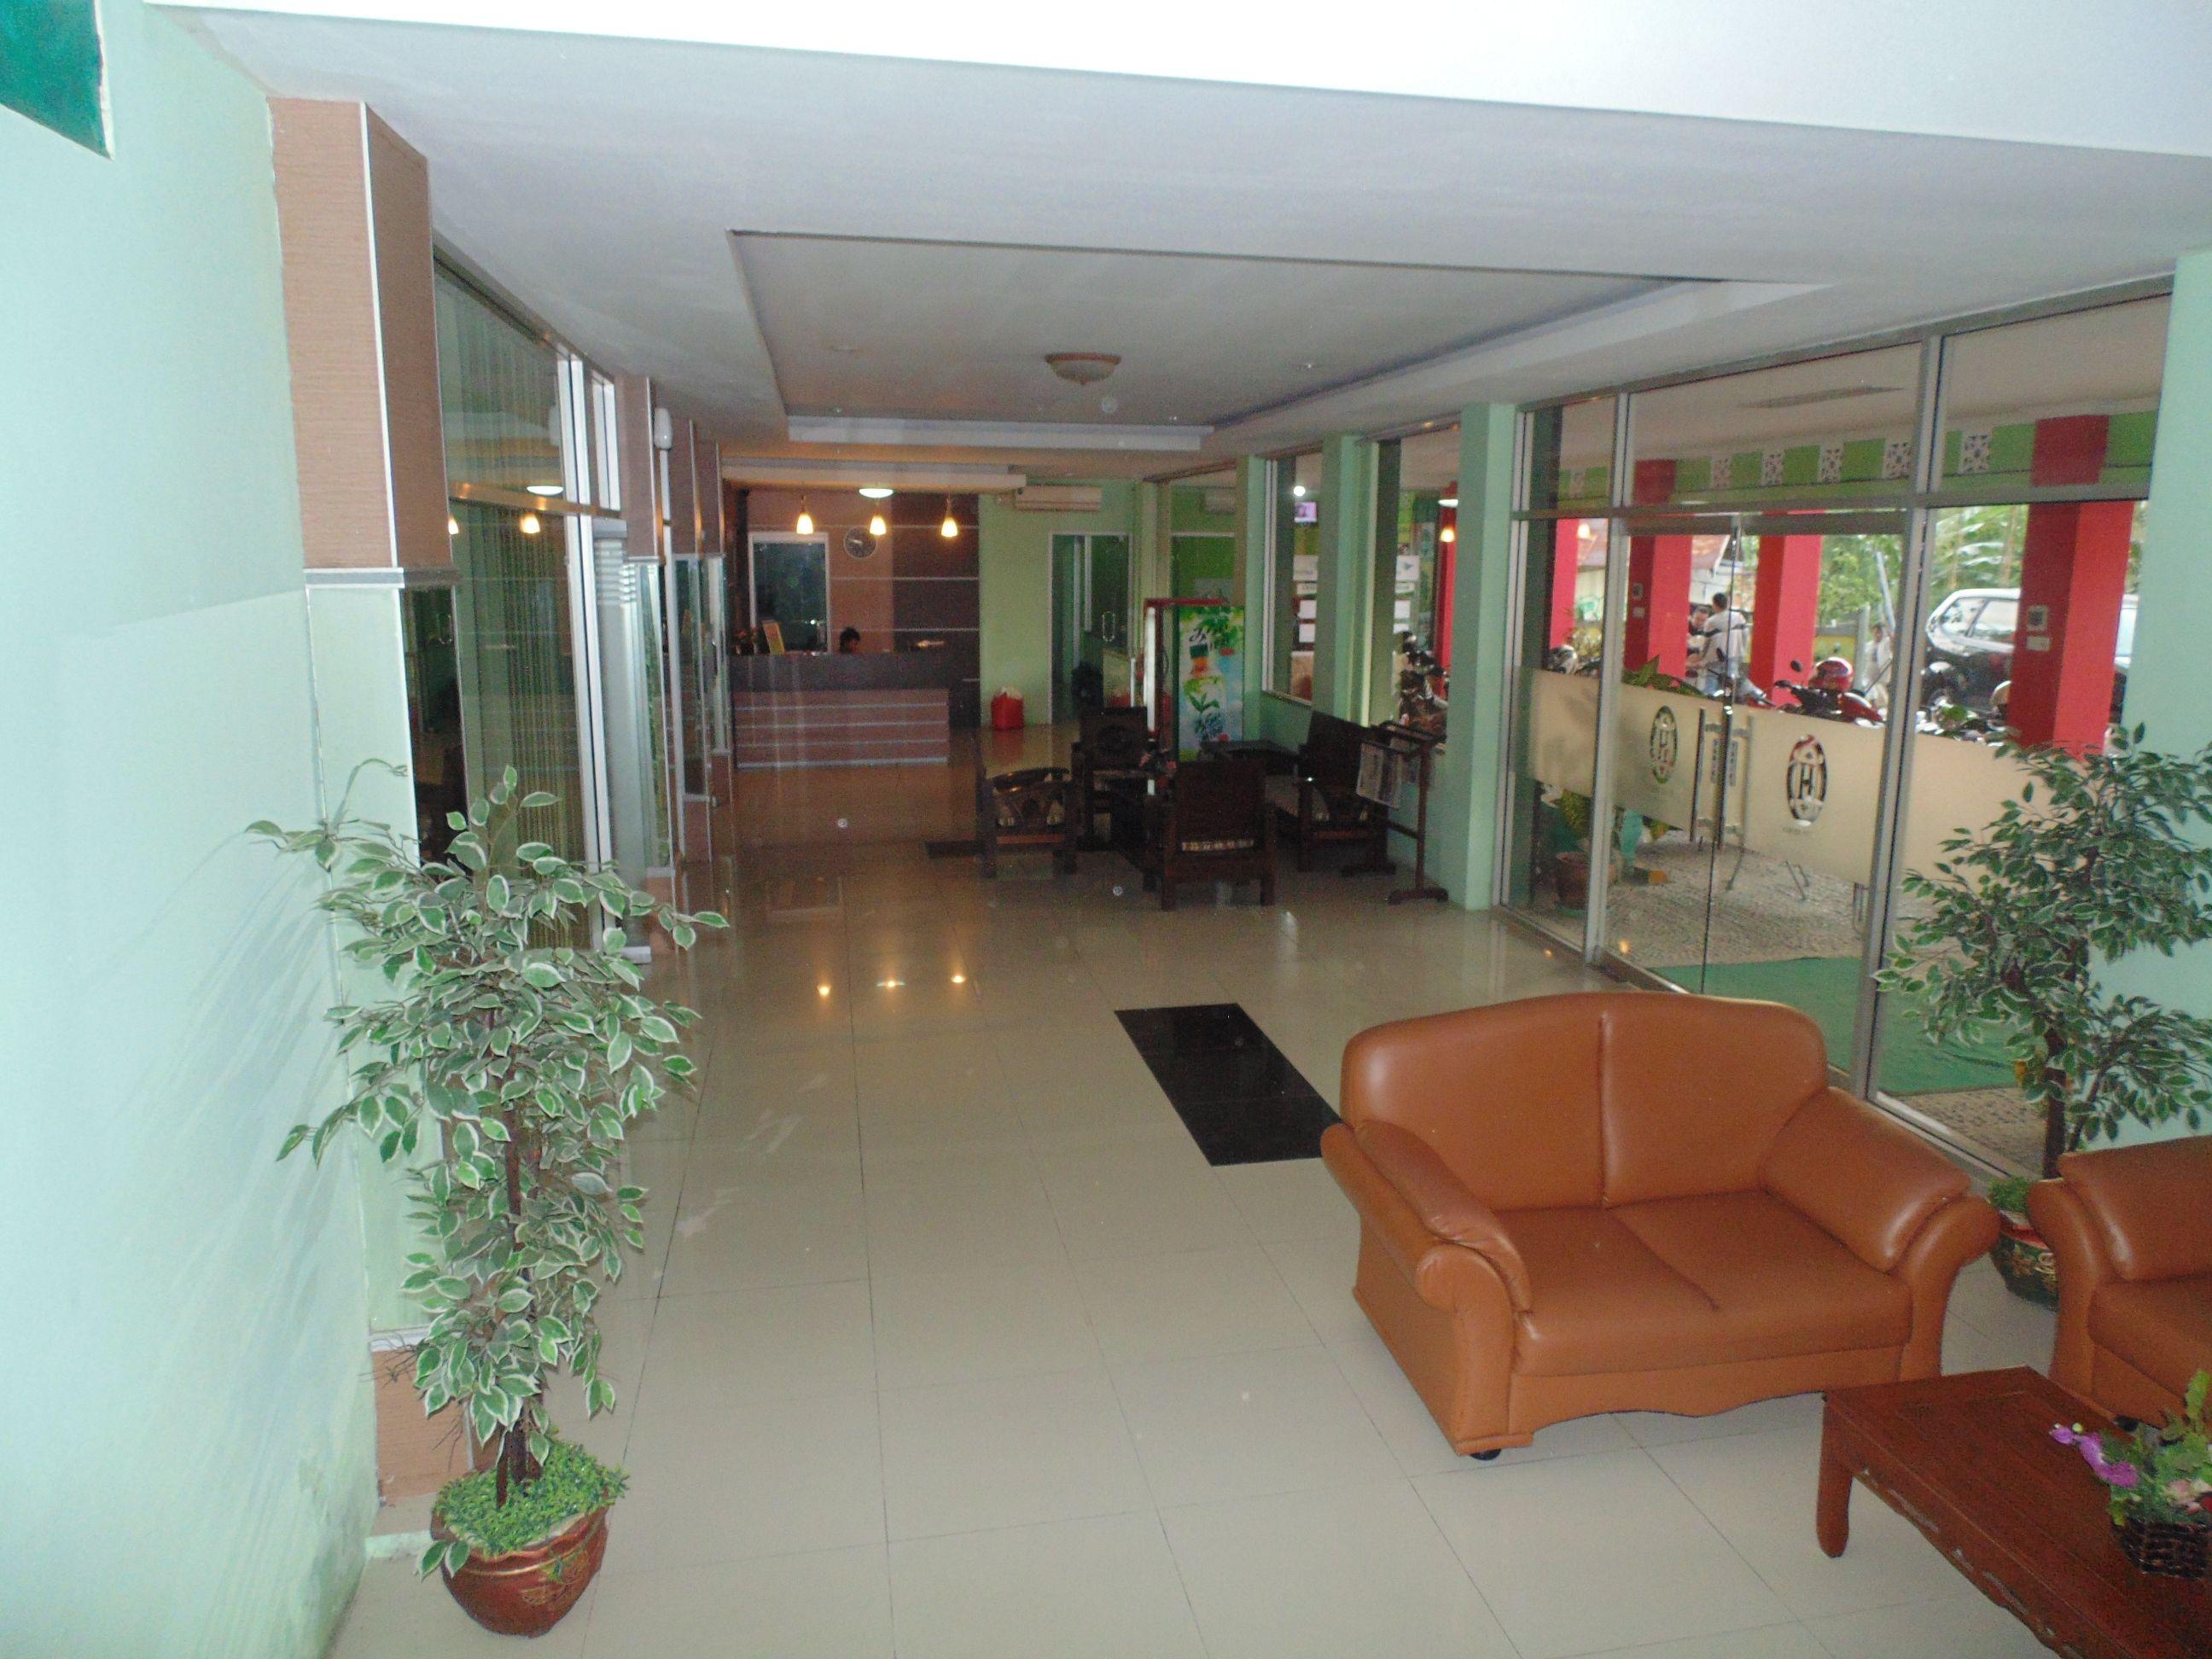 Hotel Herly Syariah, Balikpapan